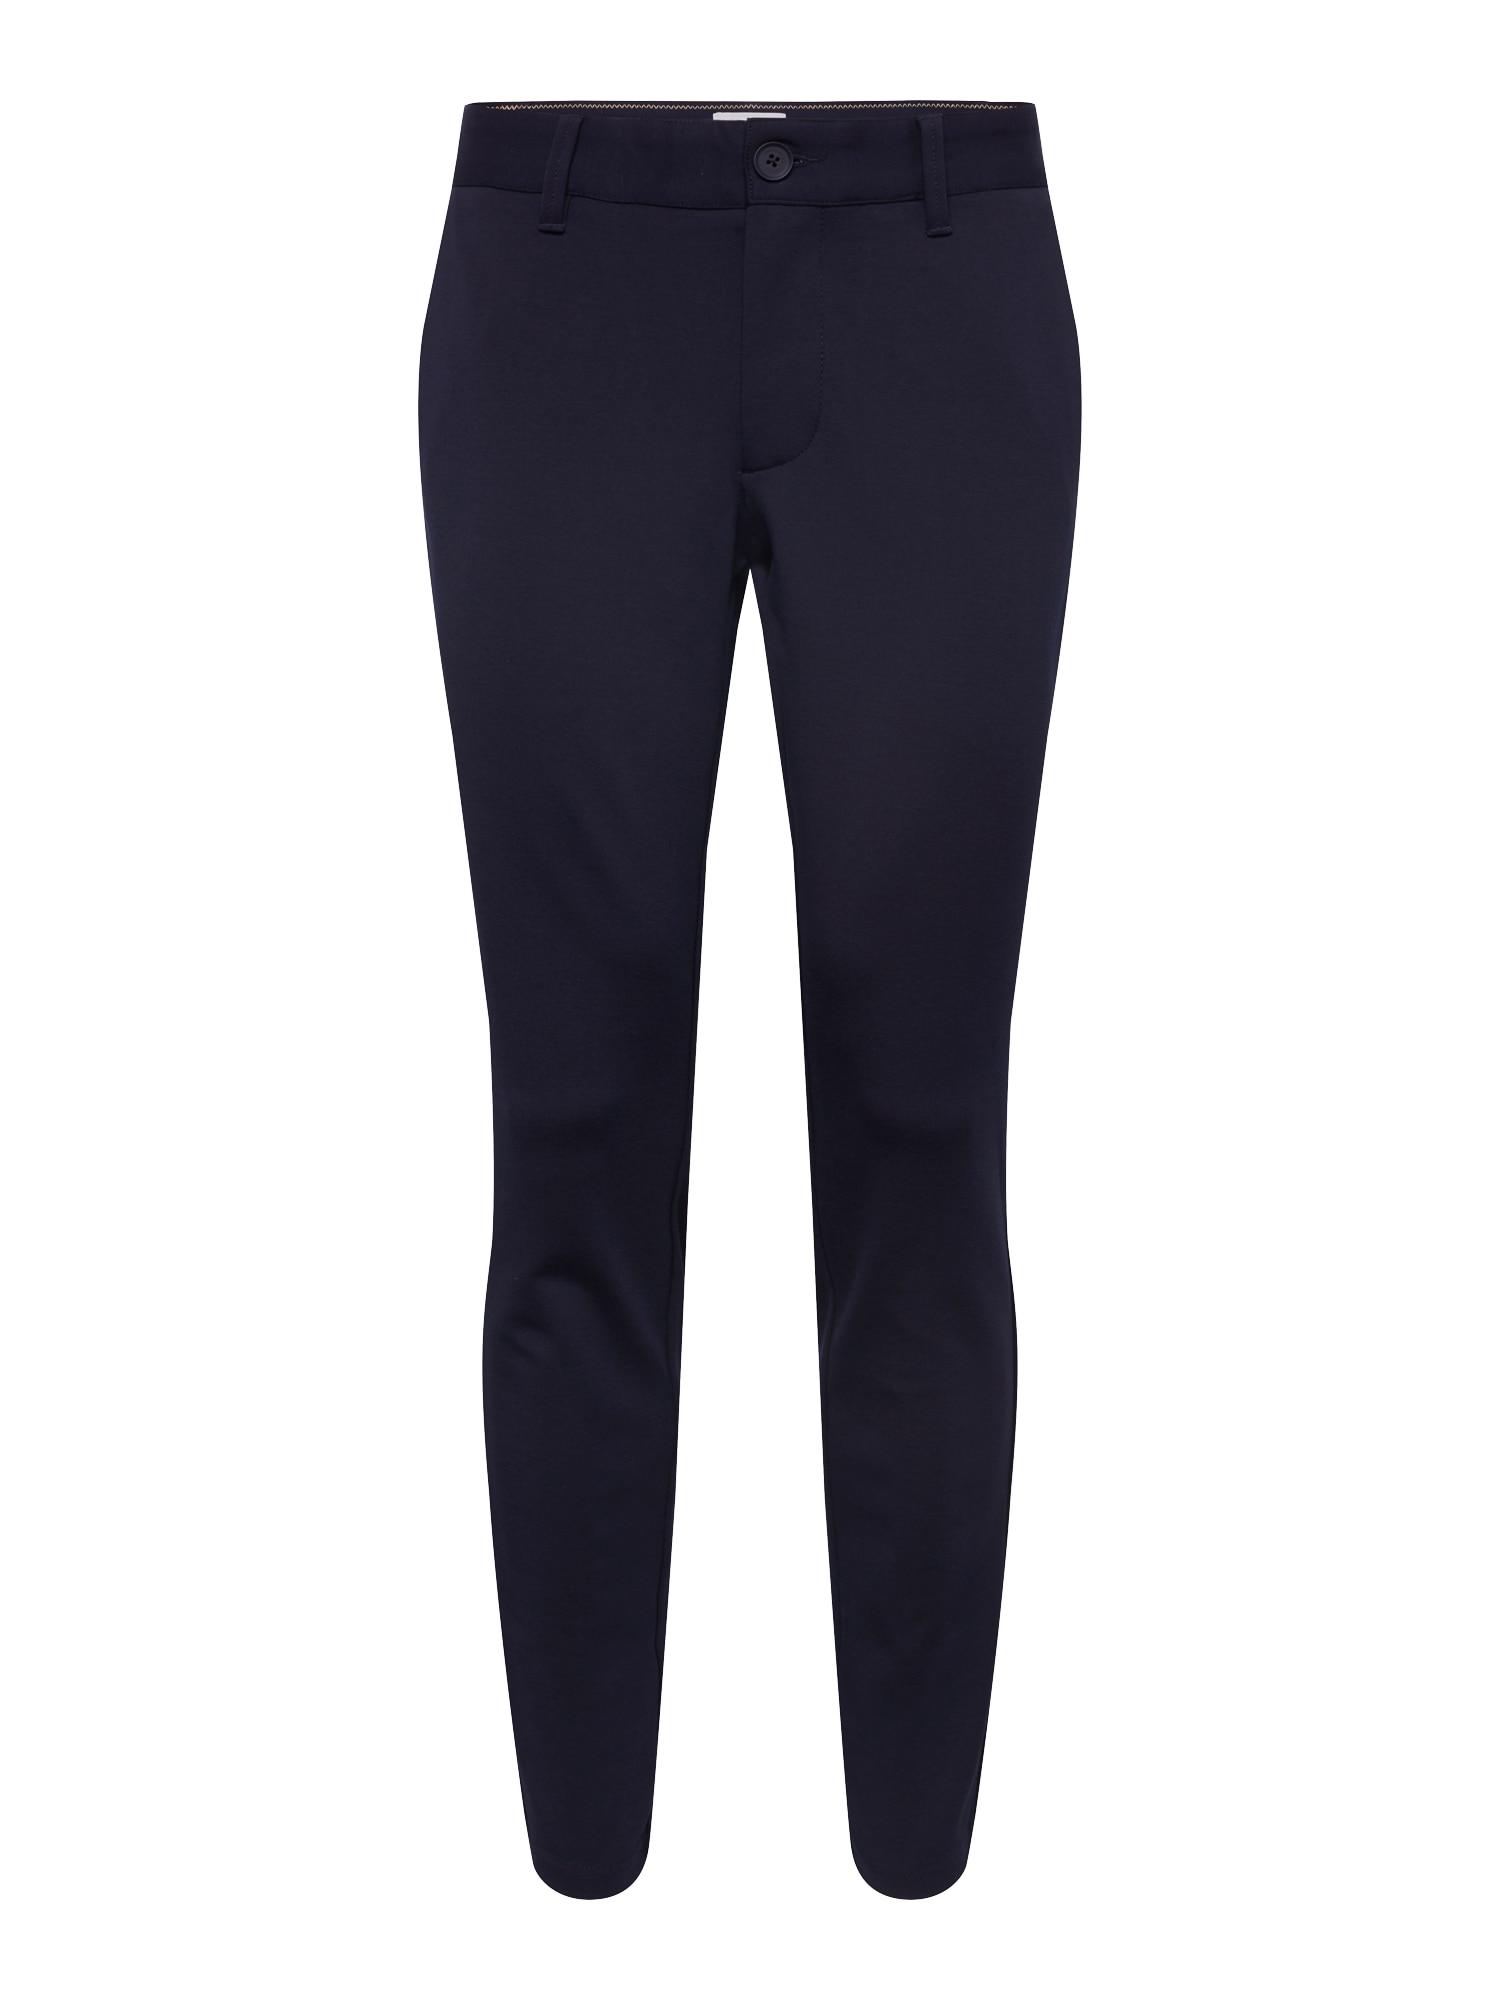 Chino kalhoty MARK PANT GW 0209 námořnická modř Only & Sons